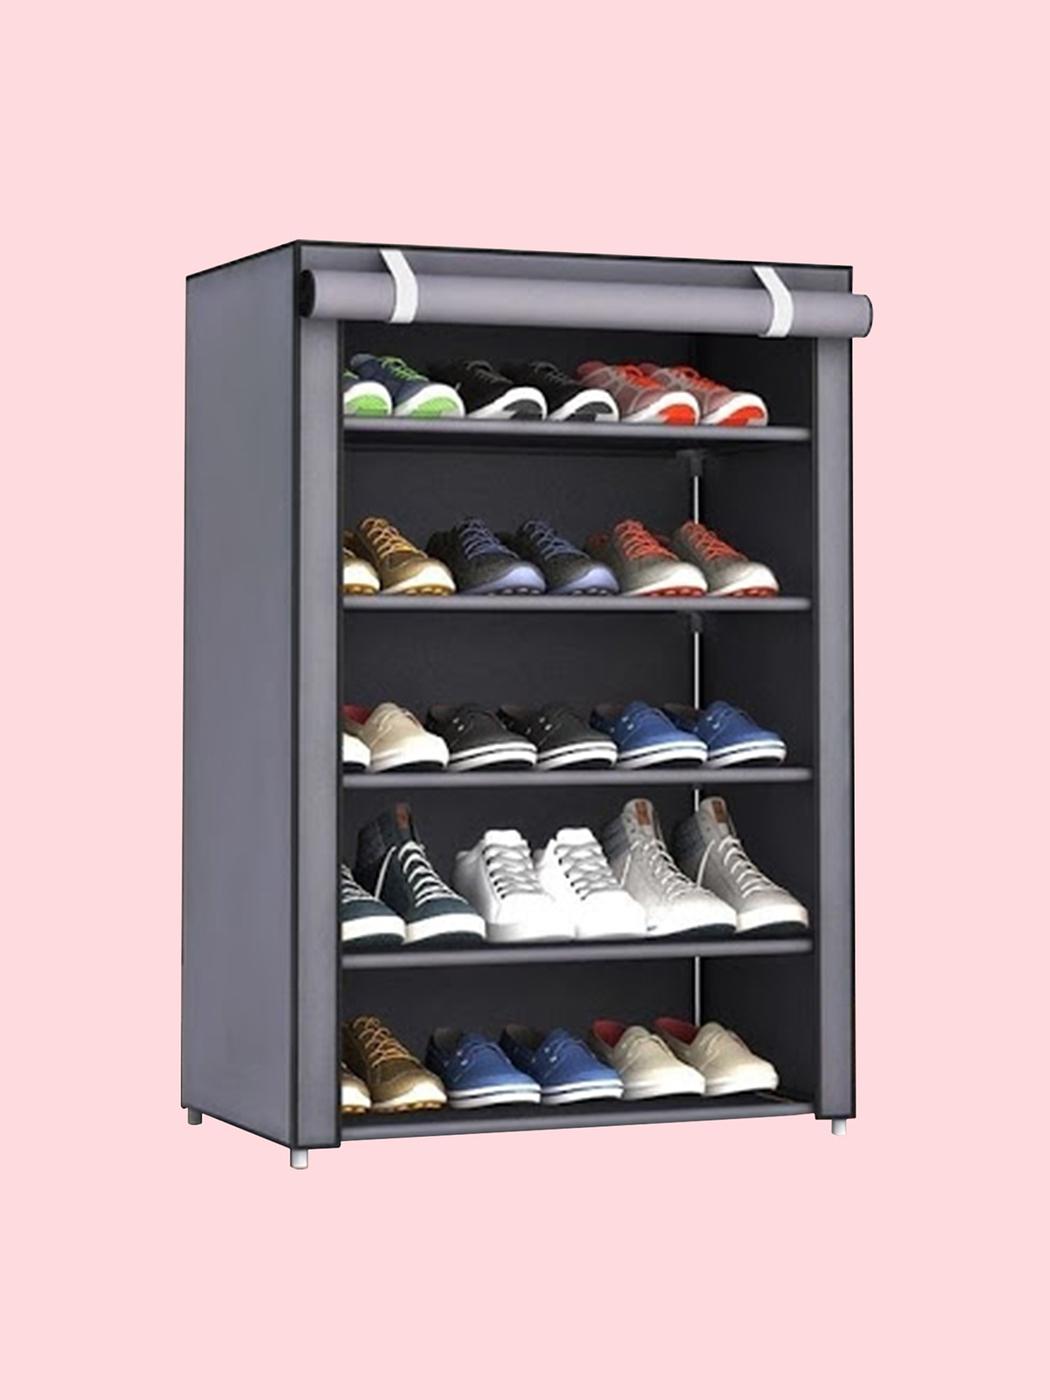 Обувница BEVELIX_02, Металл, ABS пластик, 60х30х90 см